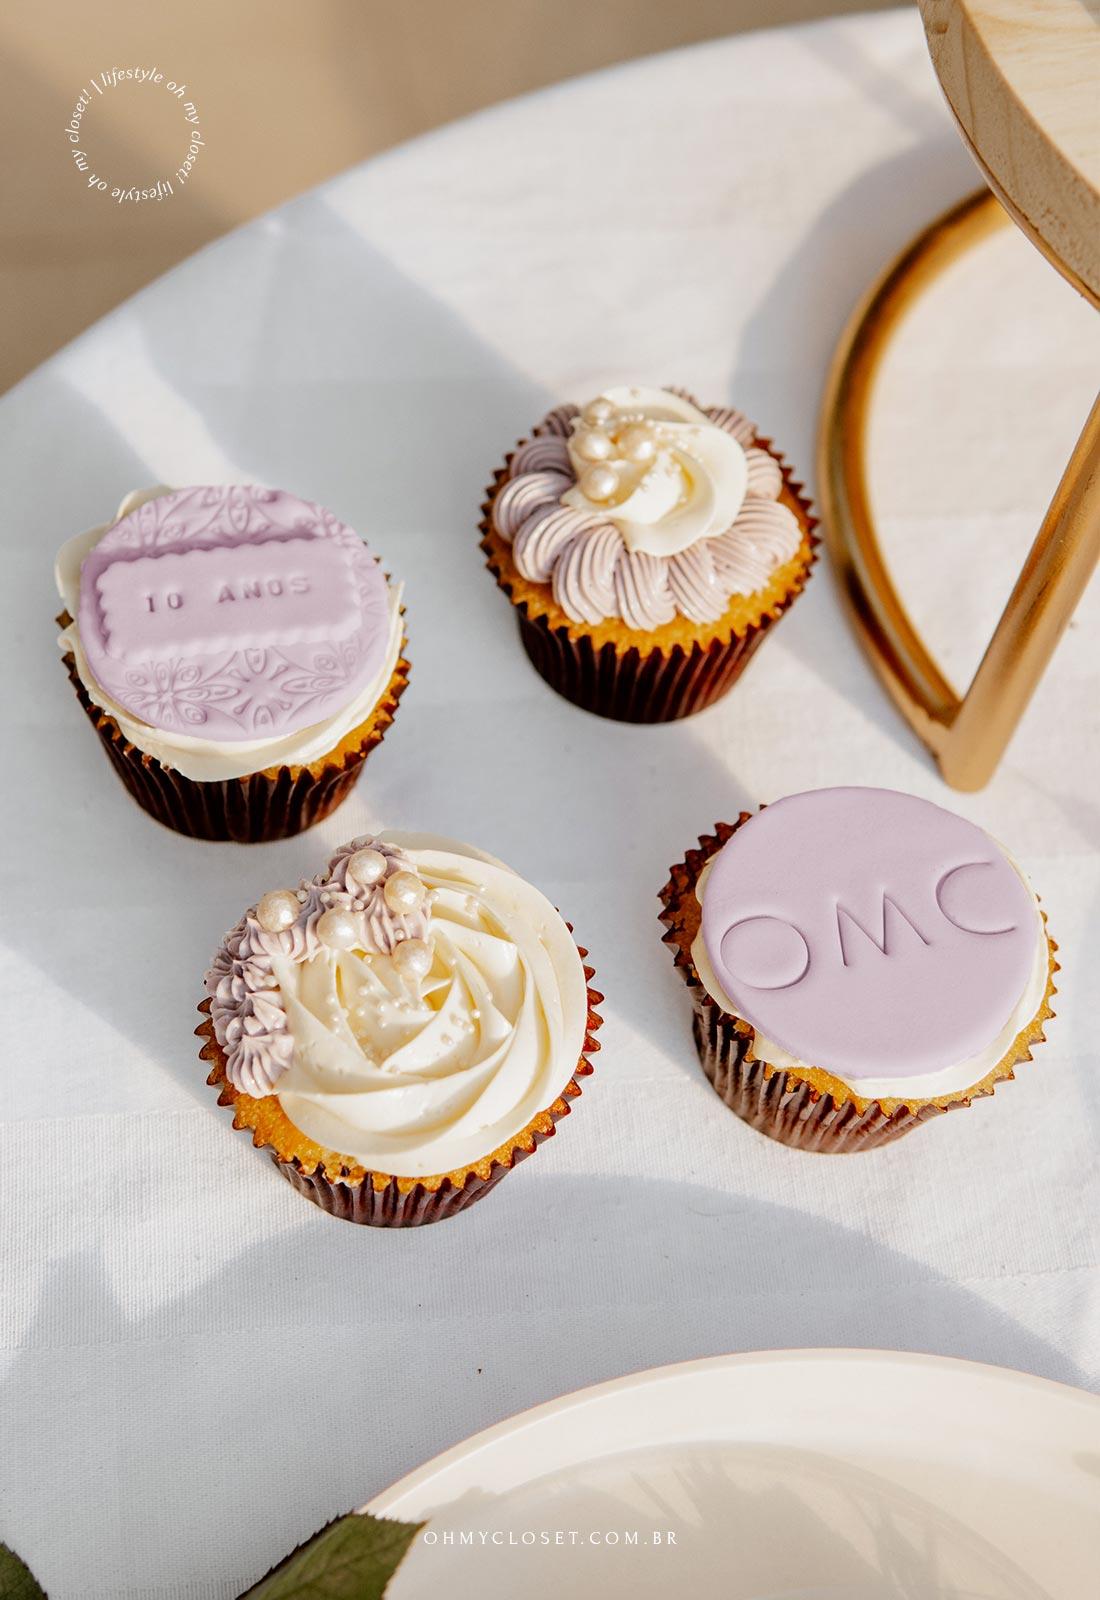 Cupcakes da comemoração dos 10 anos do OMC